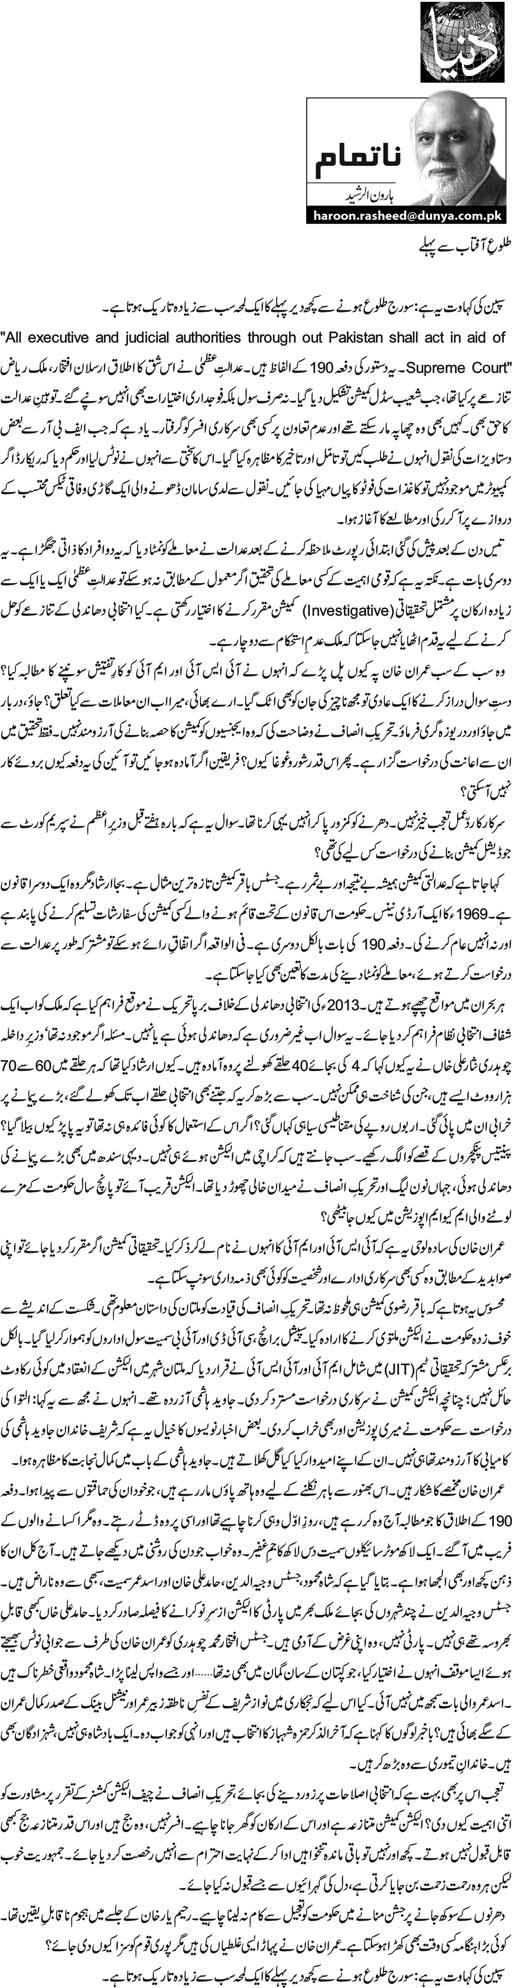 Talu e Aftab Sy Pehly - Haroon ur Rasheed